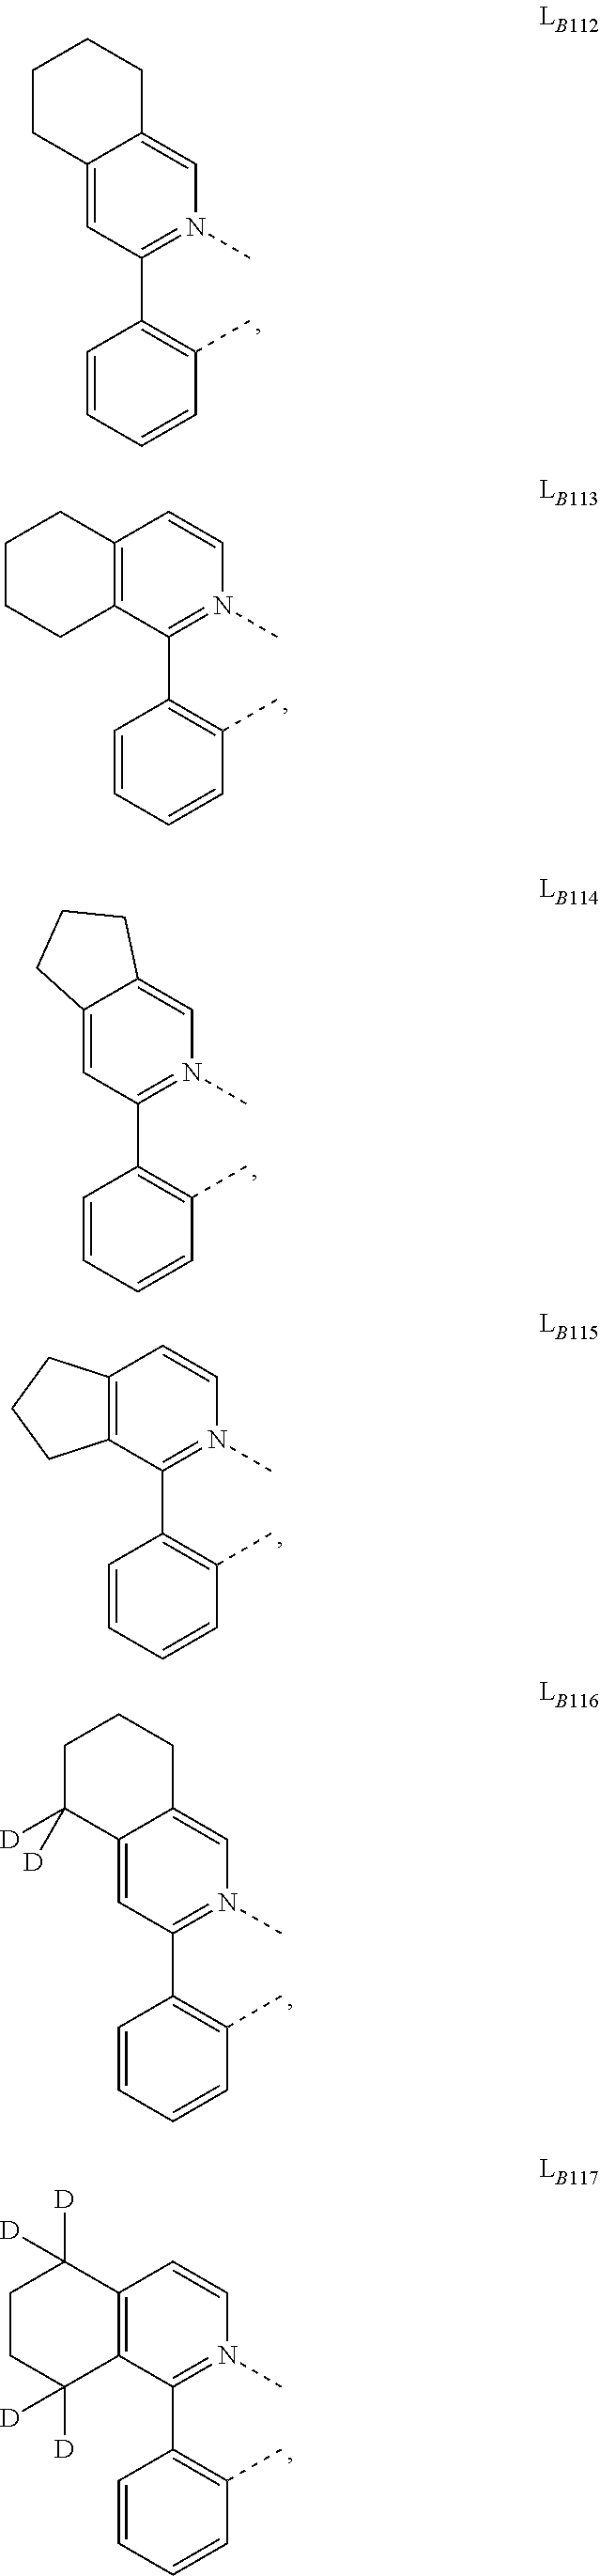 Figure US10003034-20180619-C00035